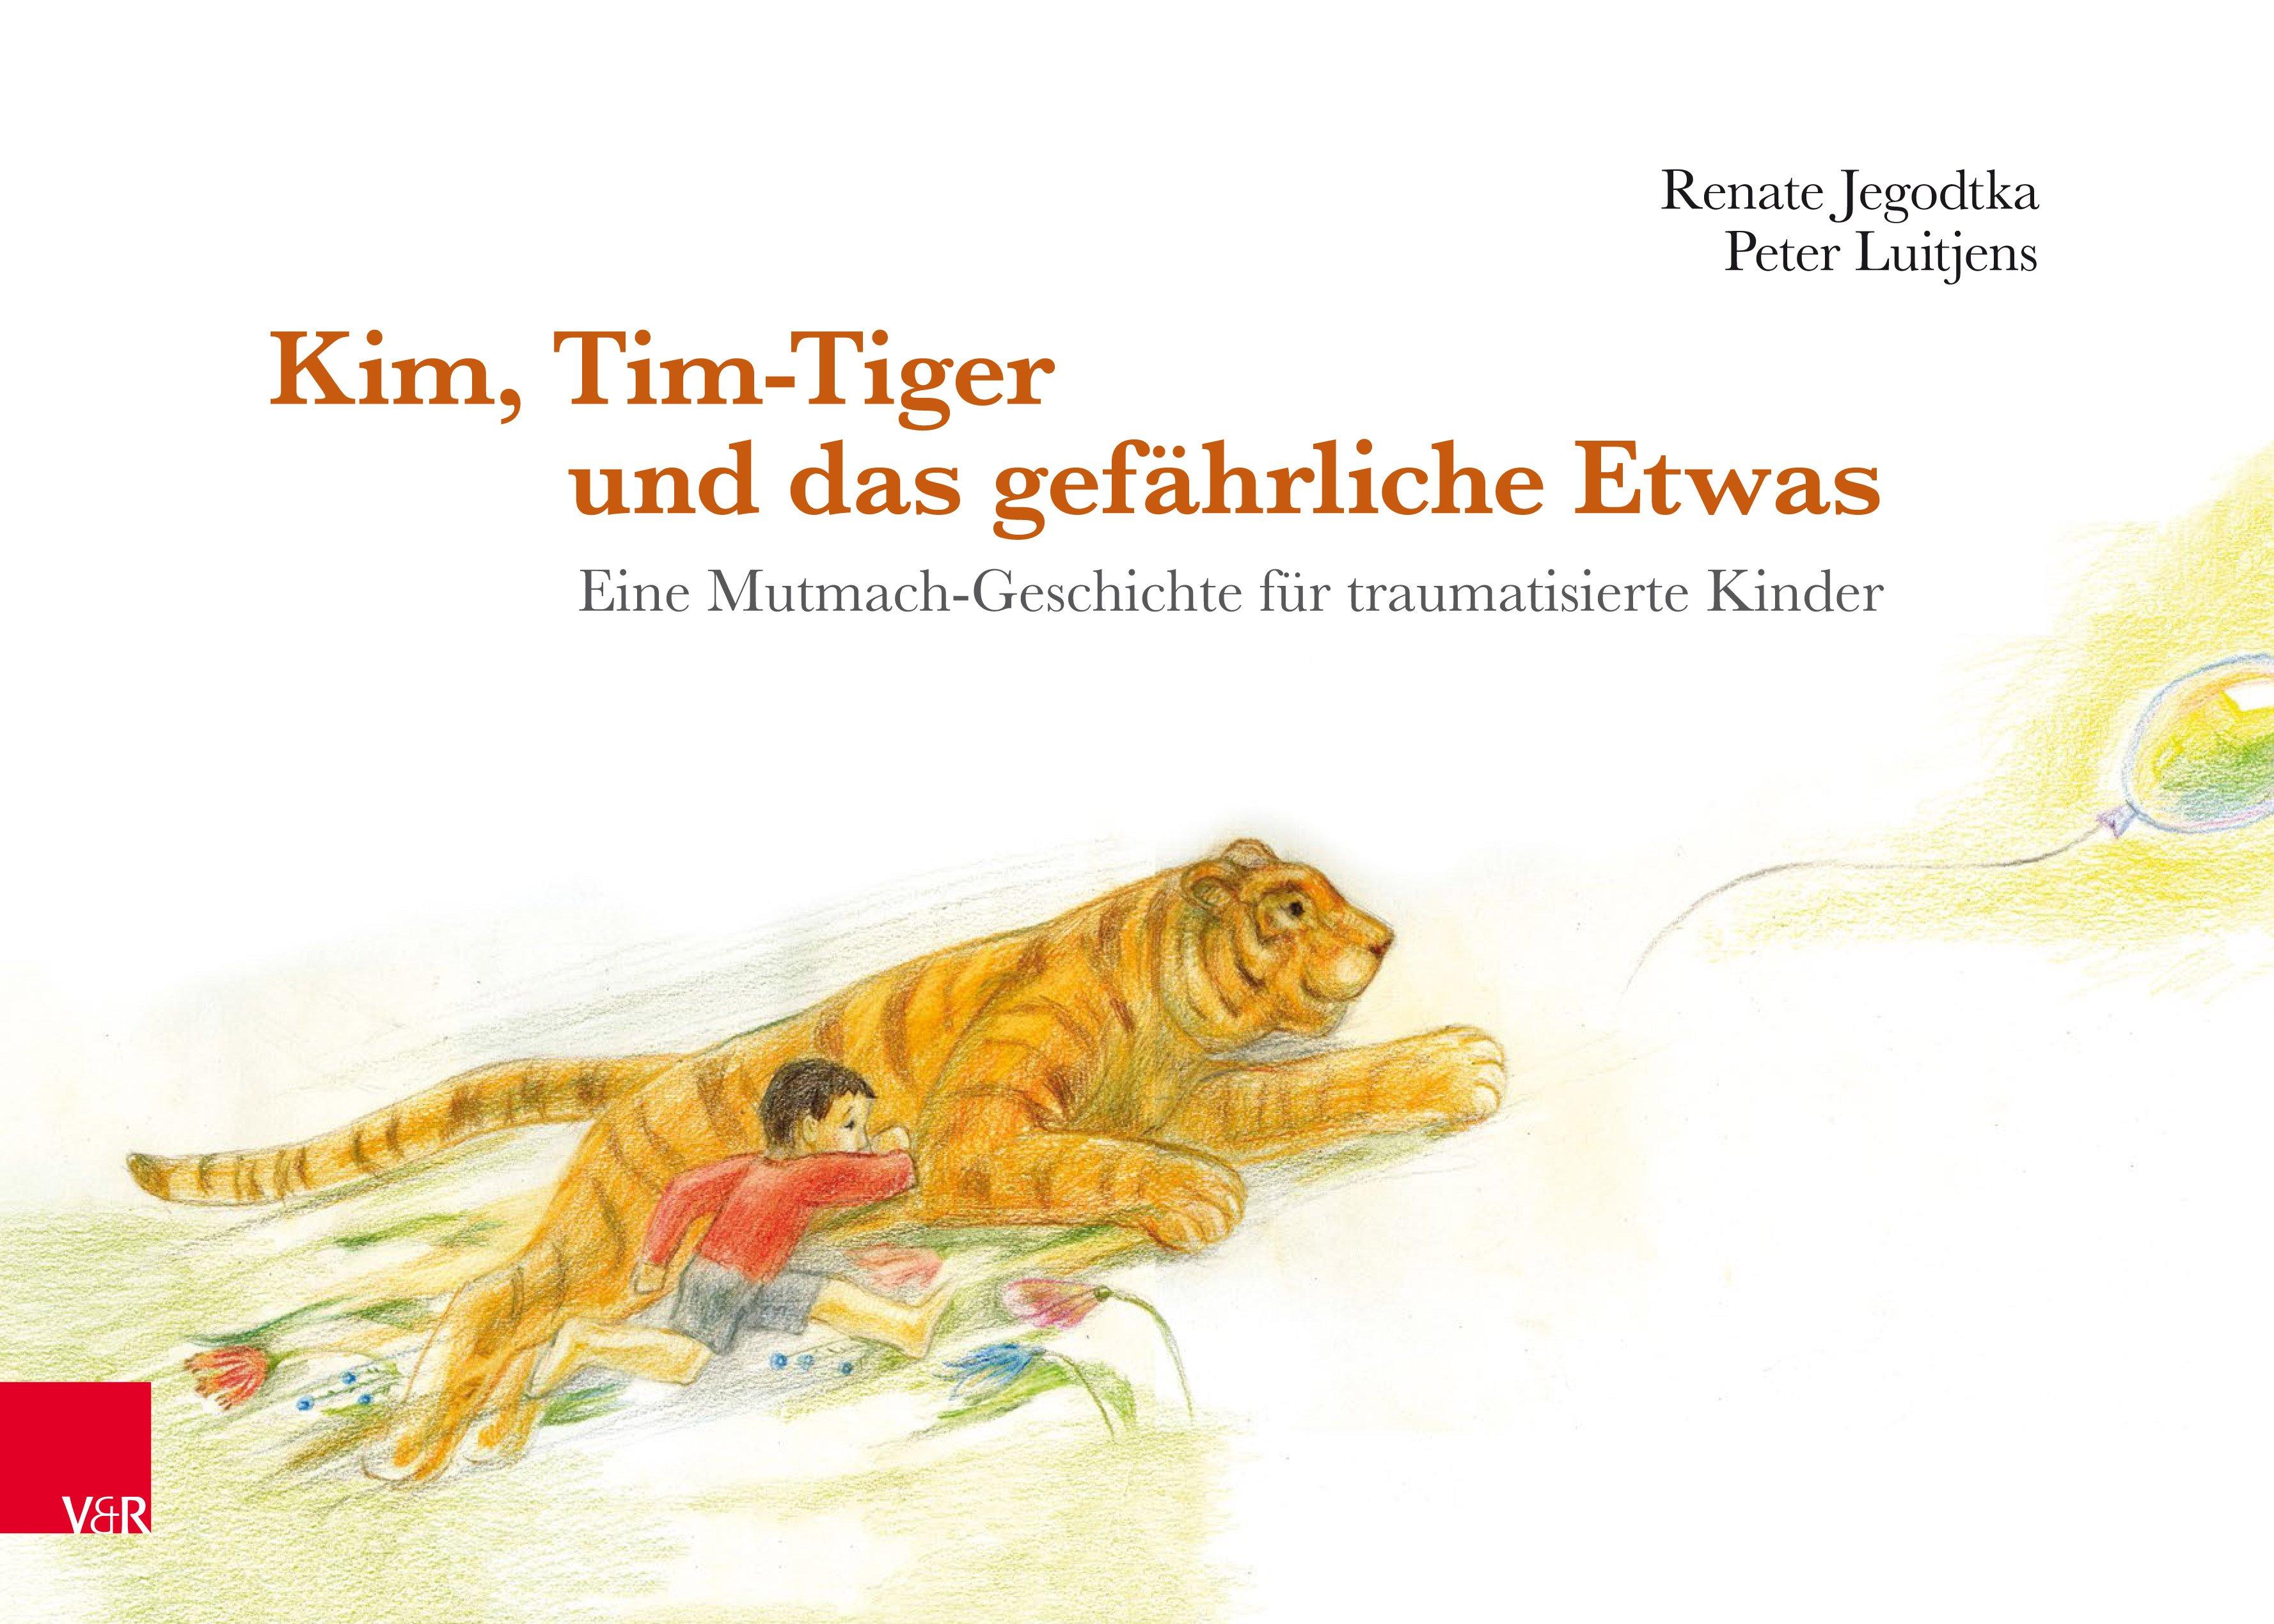 Kim, Tim-Tiger und das gefährliche Etwas